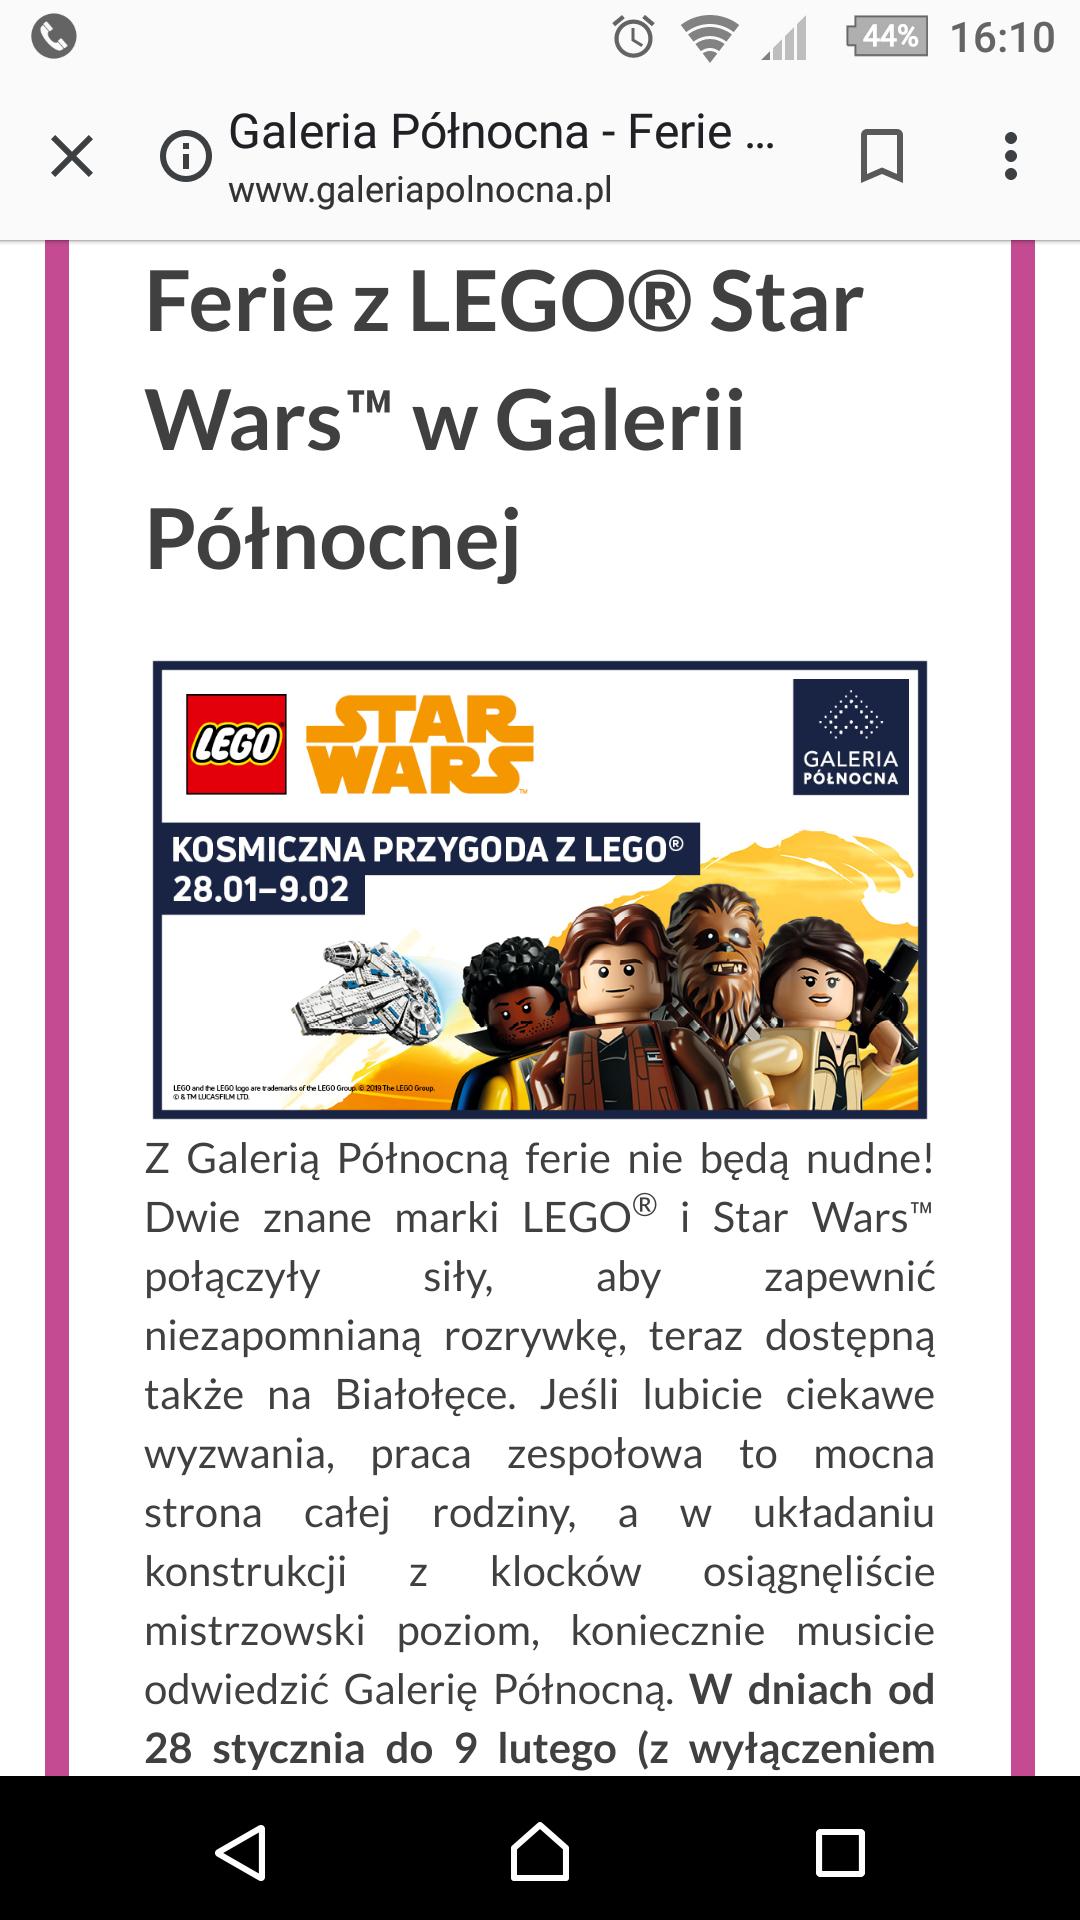 Lego w galerii północnej Warszawa dla dzieci